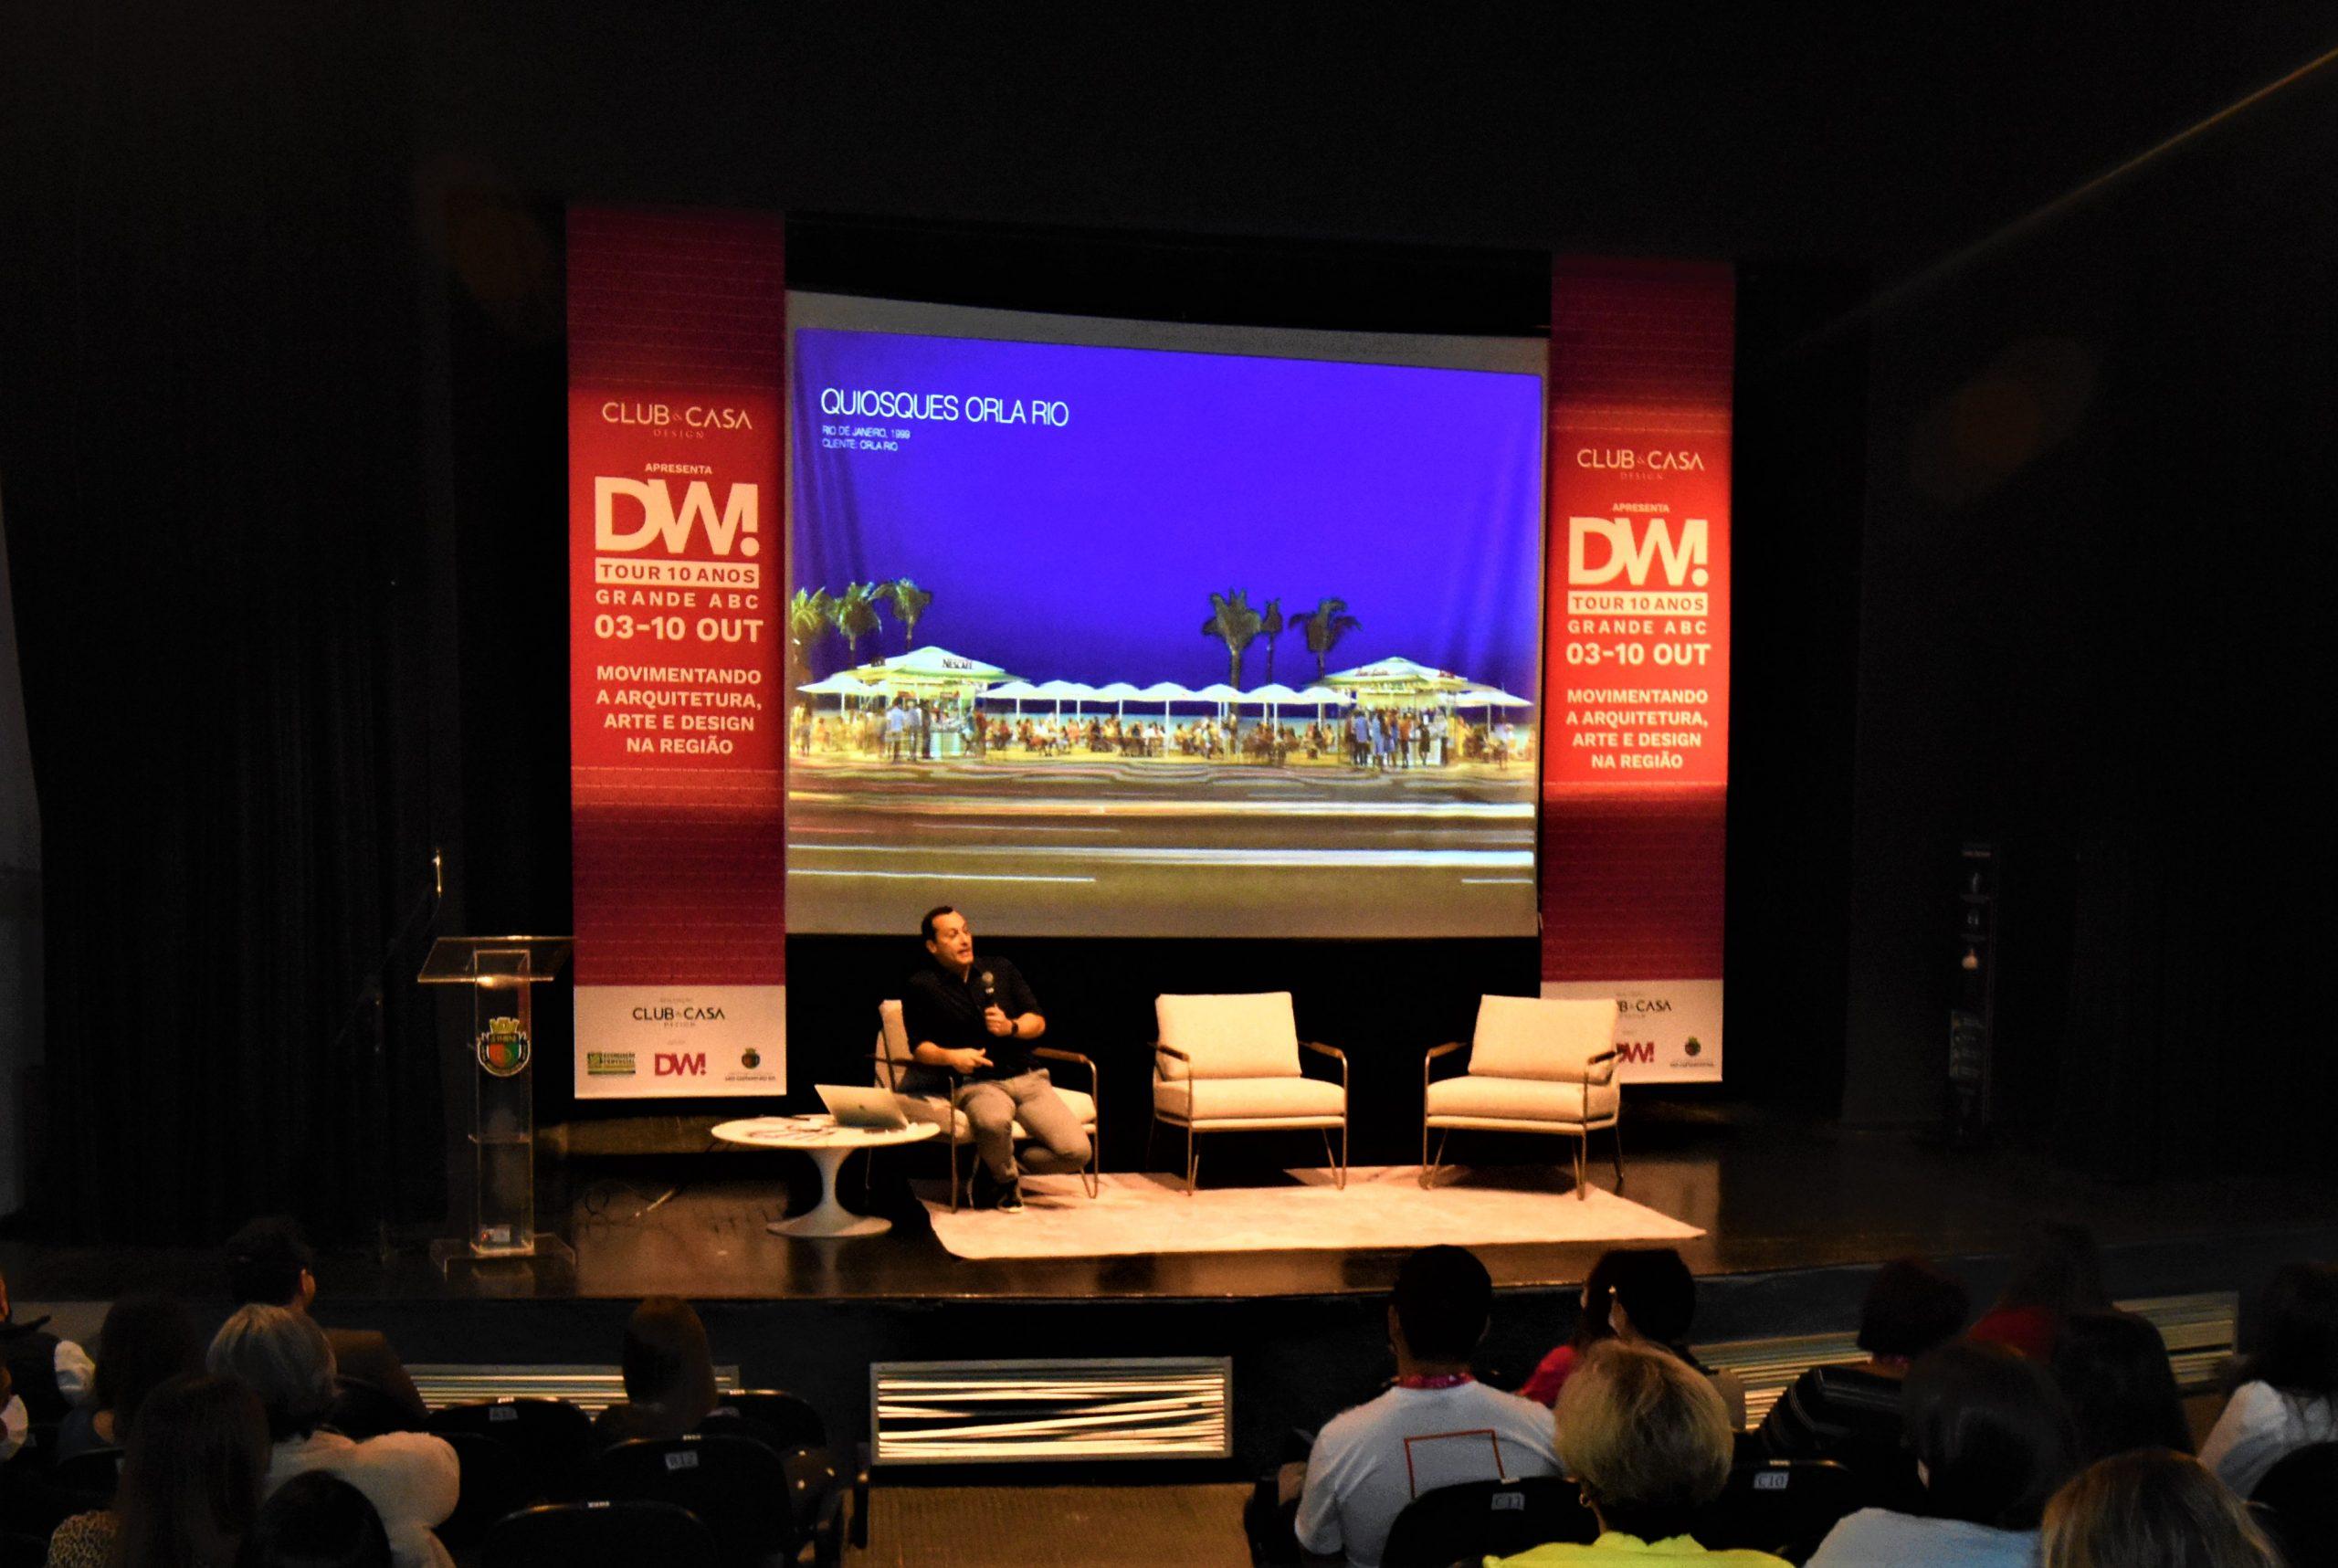 Imagem da experiência DW! Talks: um mergulho cultural, emocional e criativo!